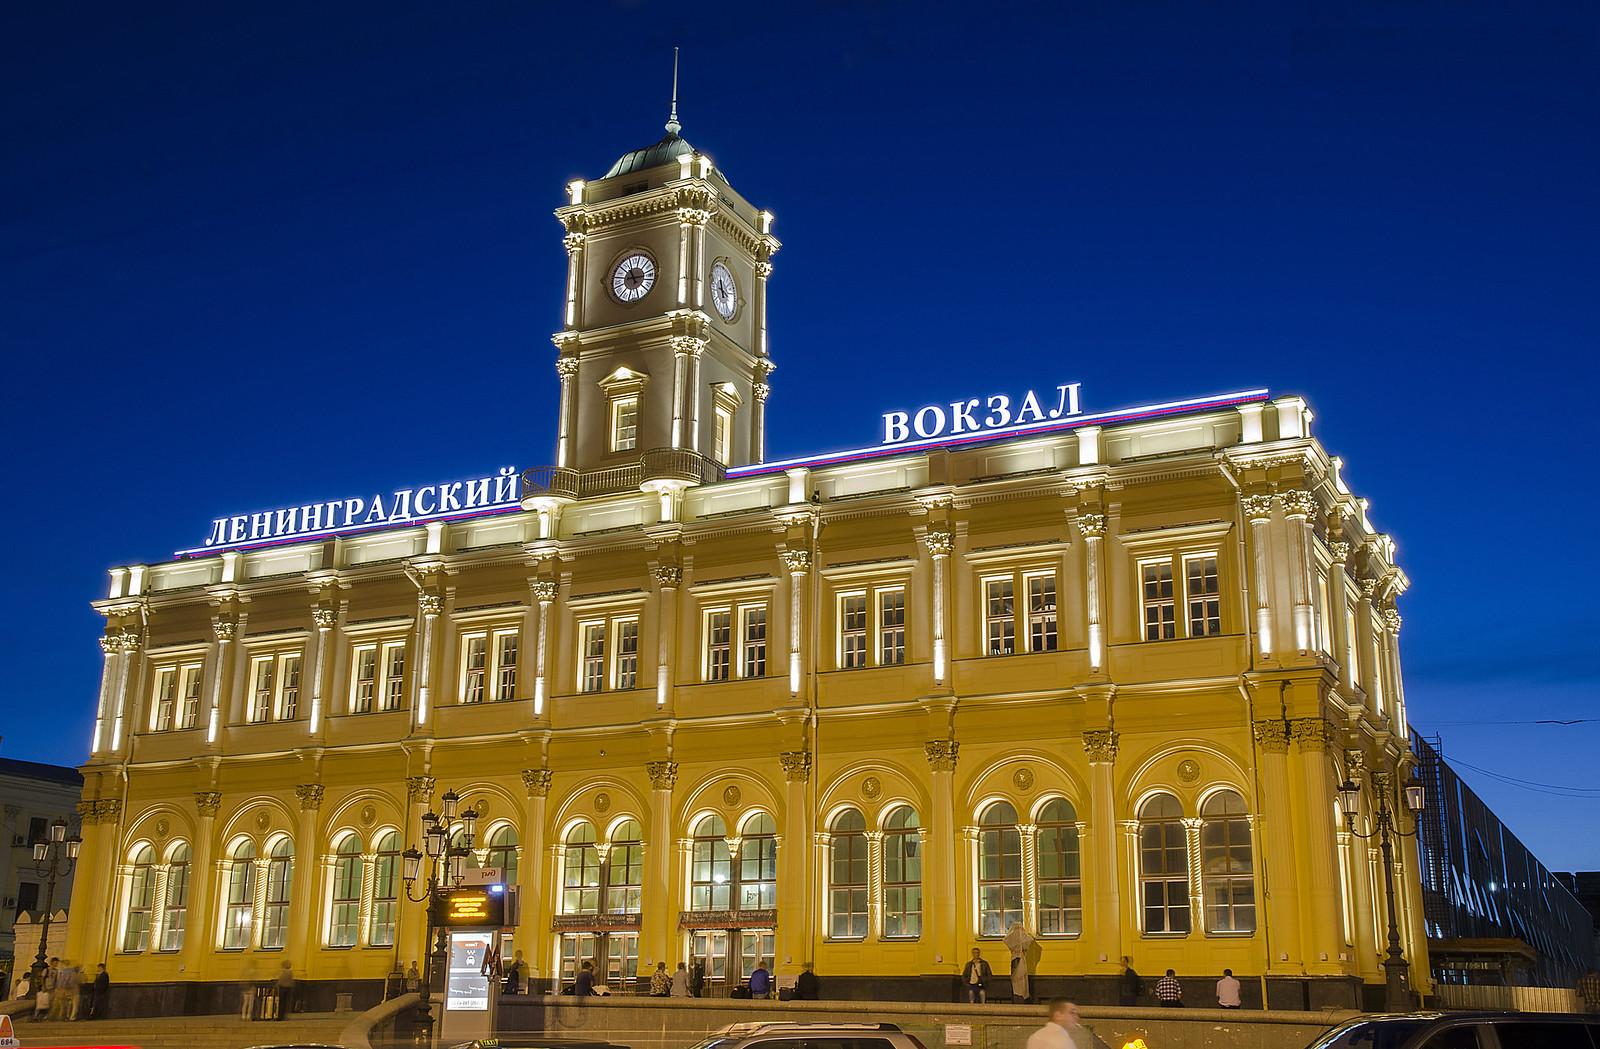 Ленинградский_вокзал_wiki